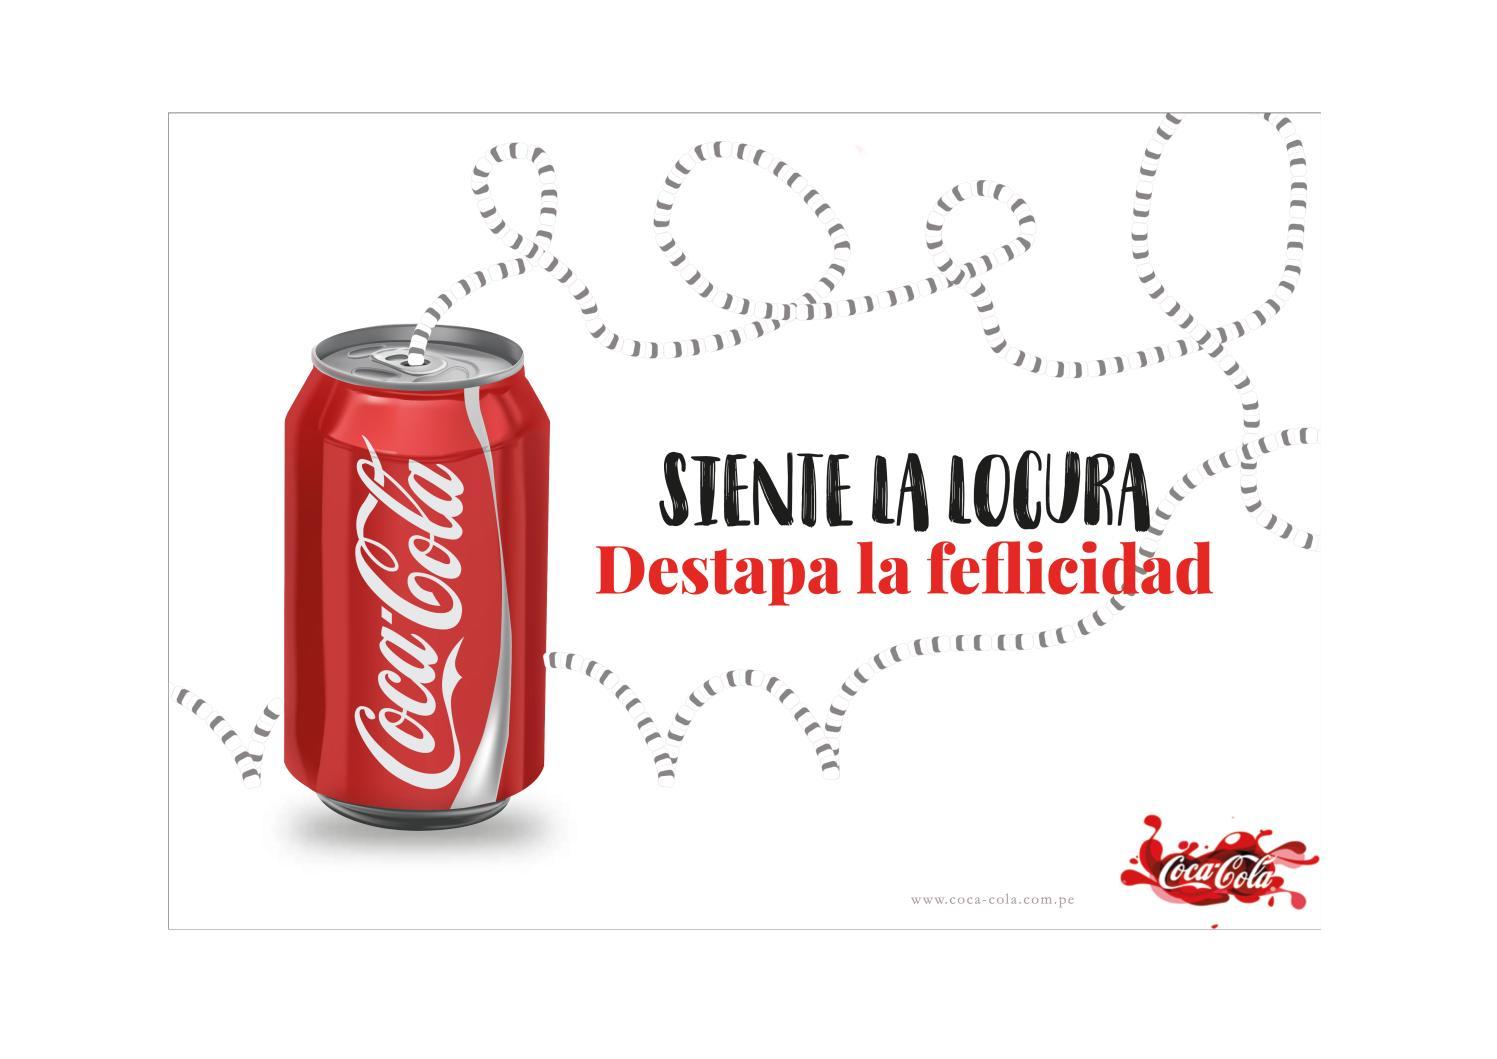 Afiche Publicitario De Coca Cola By Karoline Cruzado Issuu